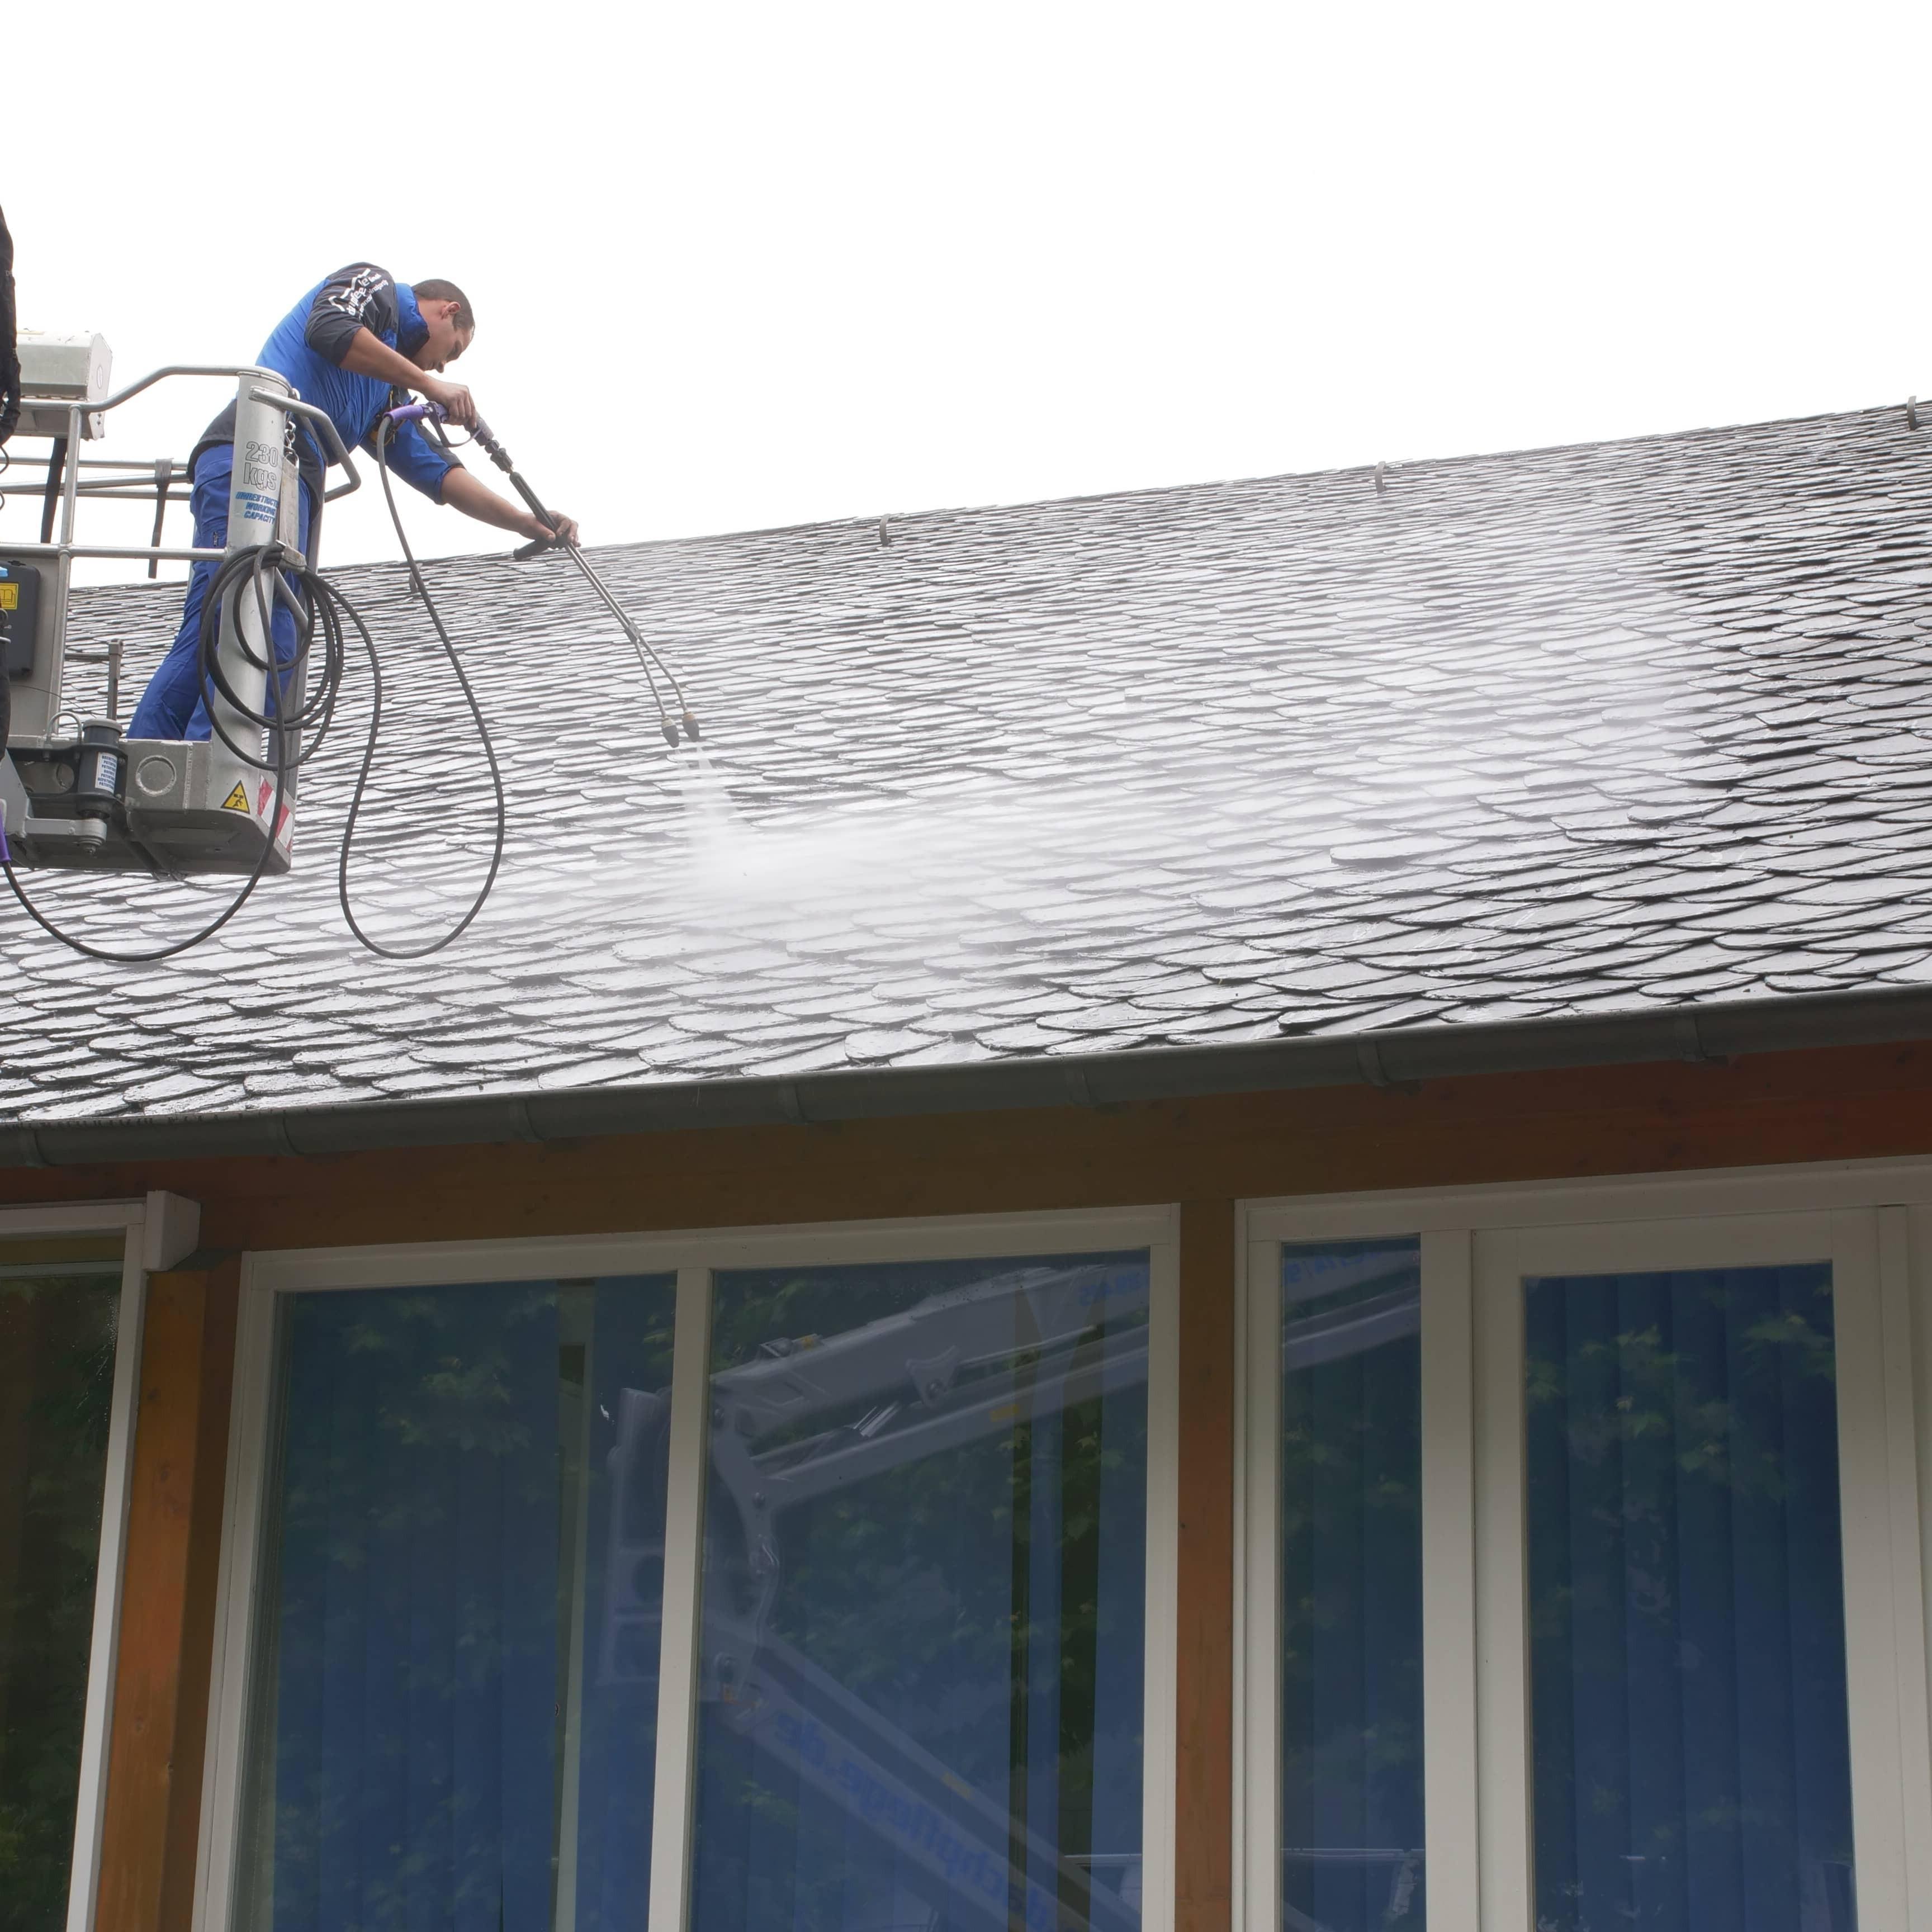 Das Bild zeigt einen Dachreiniger des Teams, der das Schieferdach reinigt. Dafür nutzt er eine spezielle Lanze.